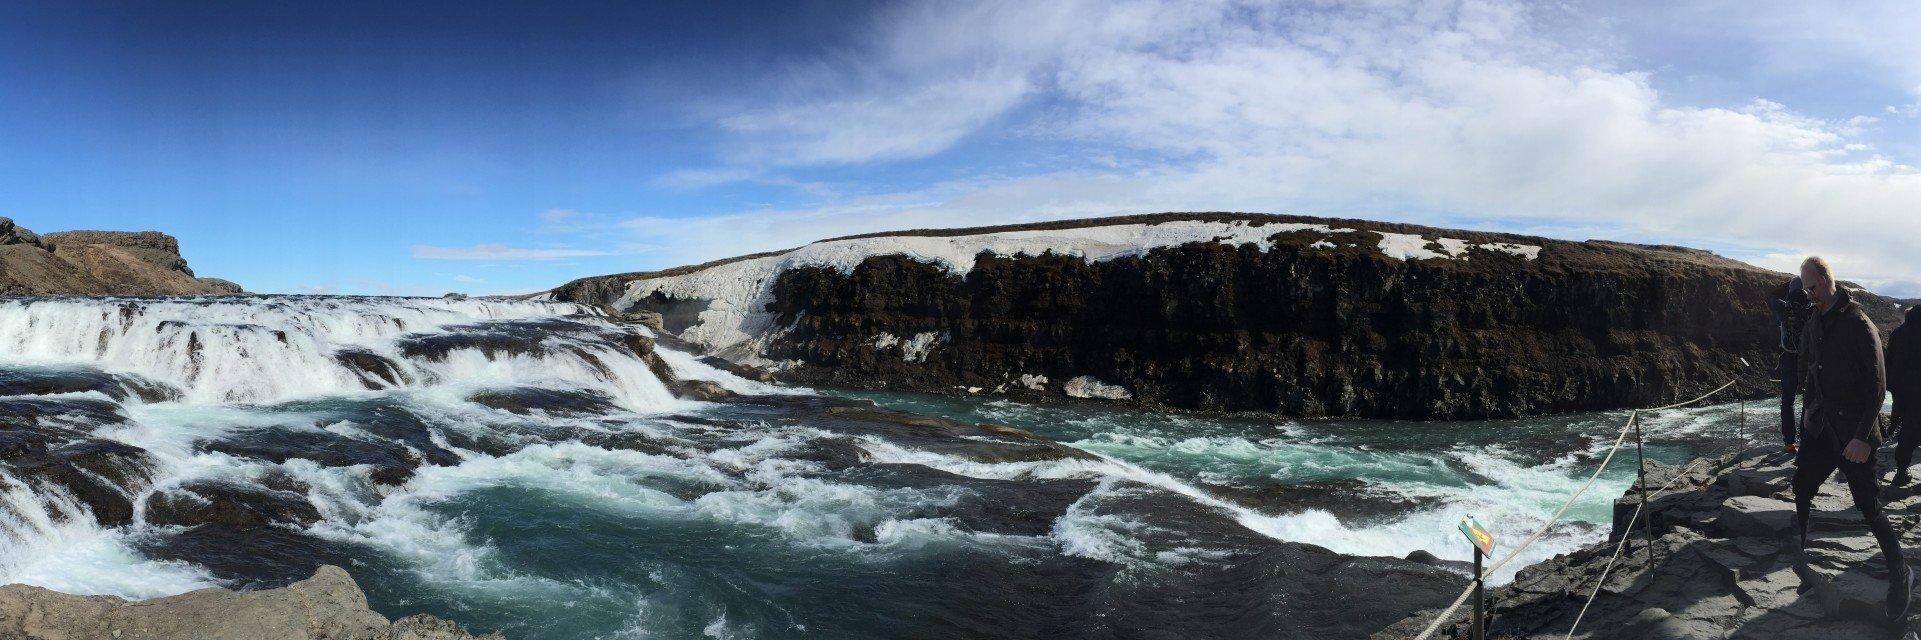 冰与火之国的魅力--冰岛自驾、跟团之旅